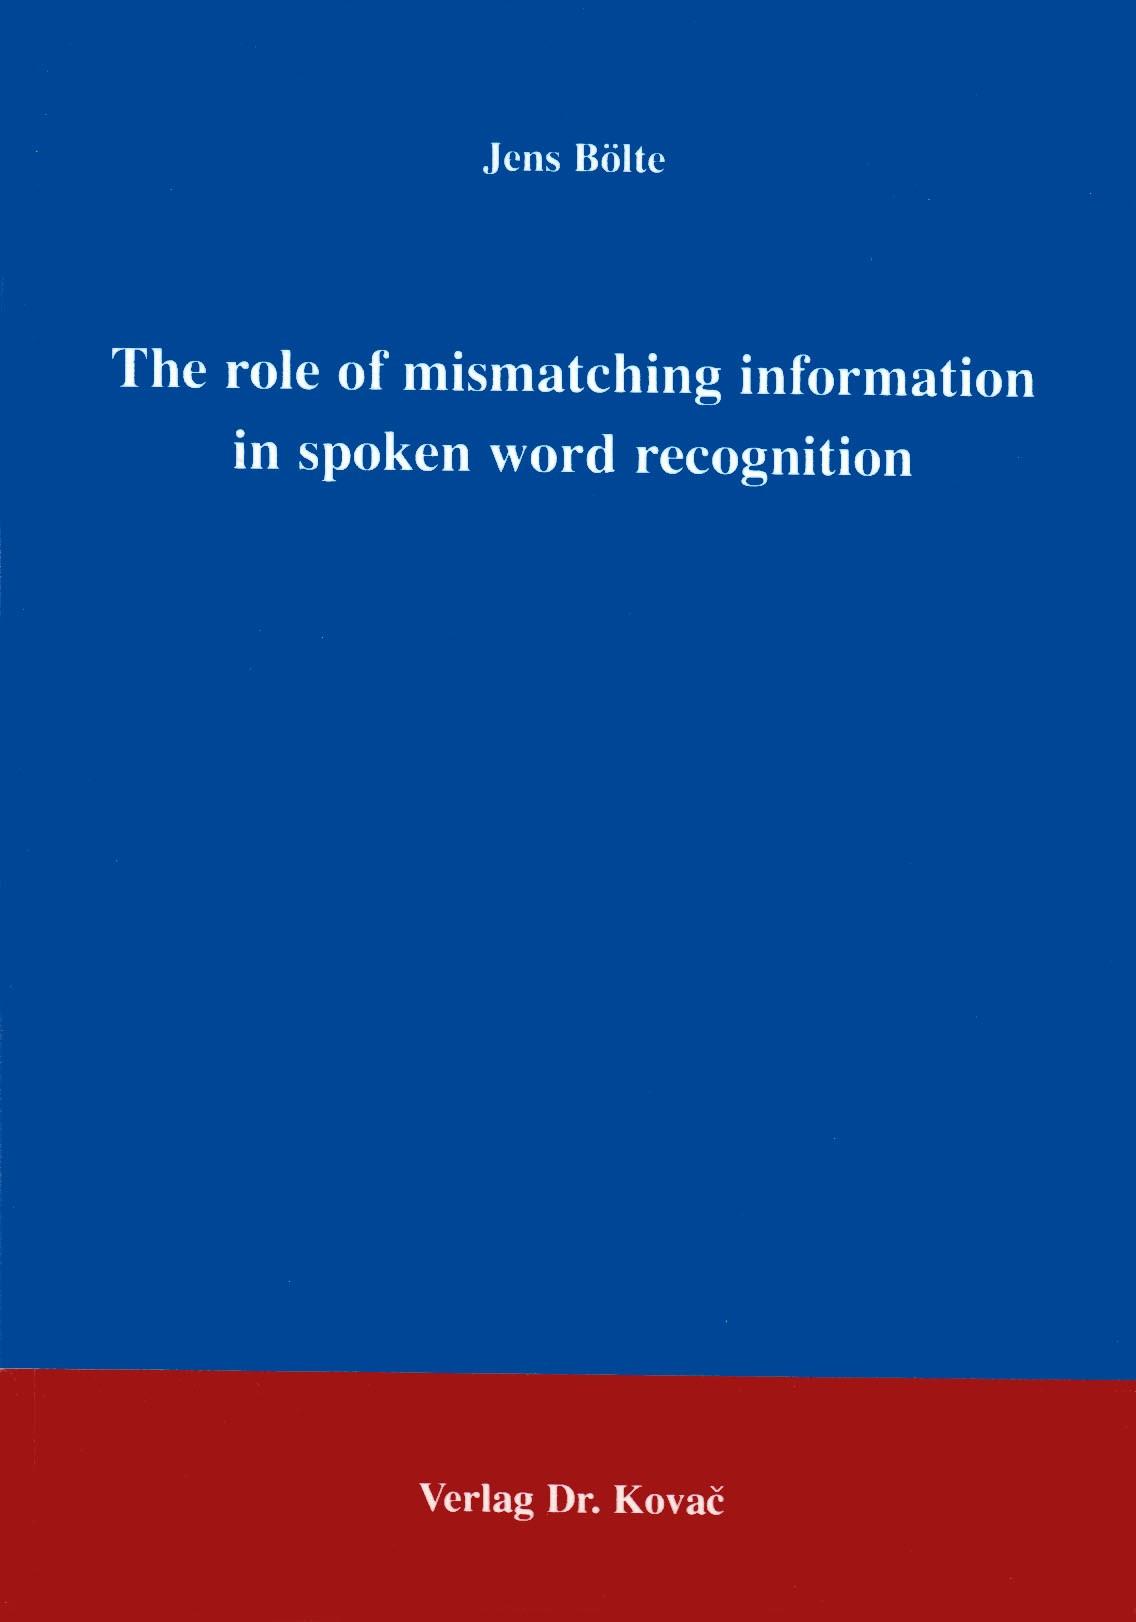 Abbildung von Bölte | The role of mismatching information in spoken word recognition | 1997